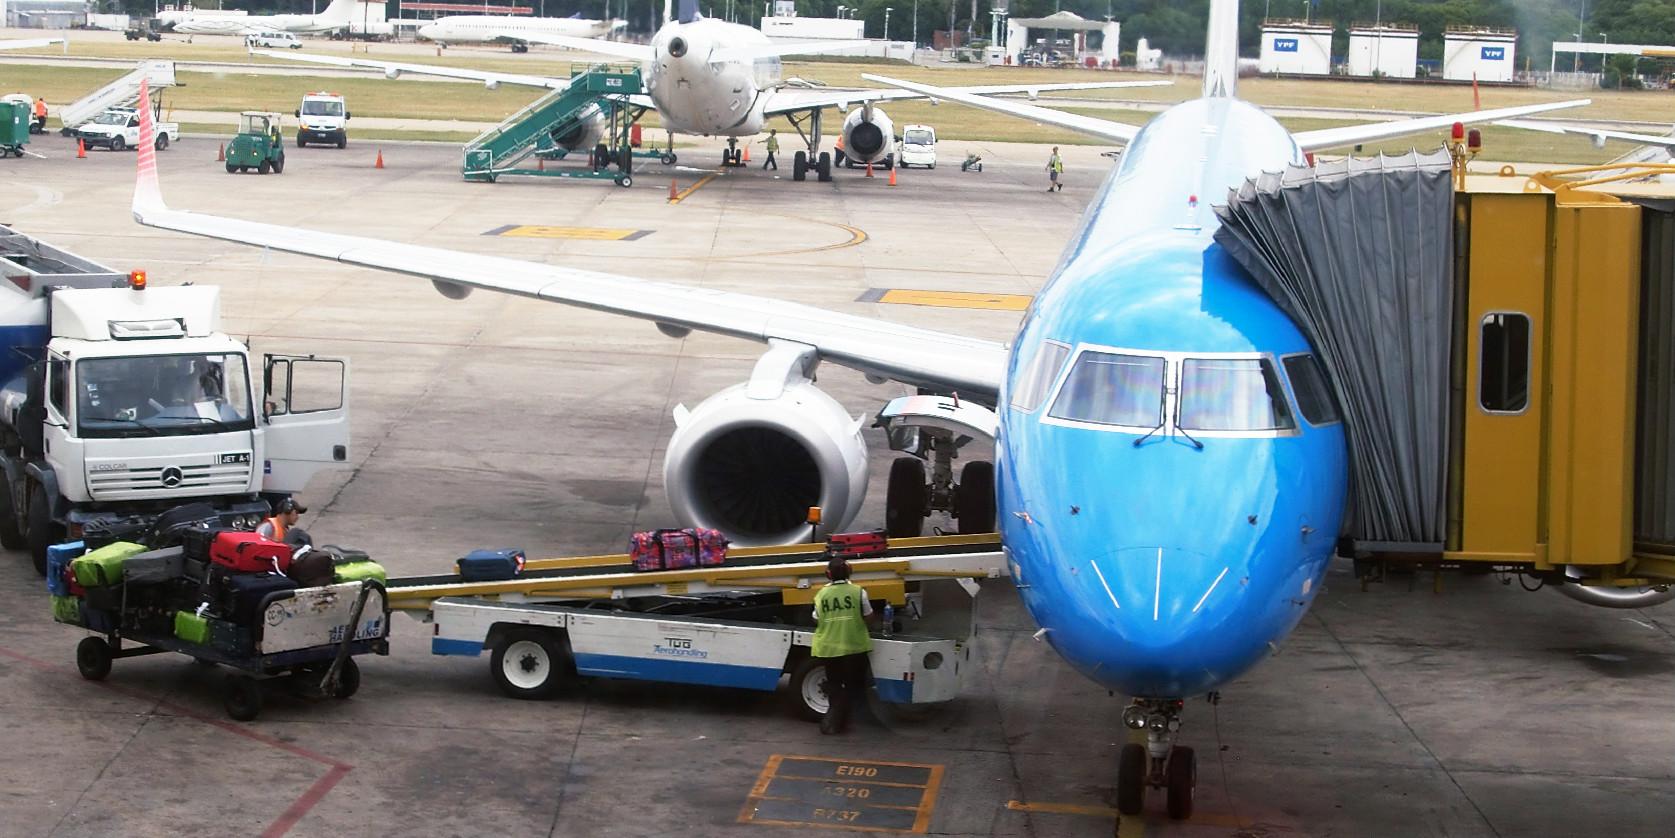 Eastpak entering plane